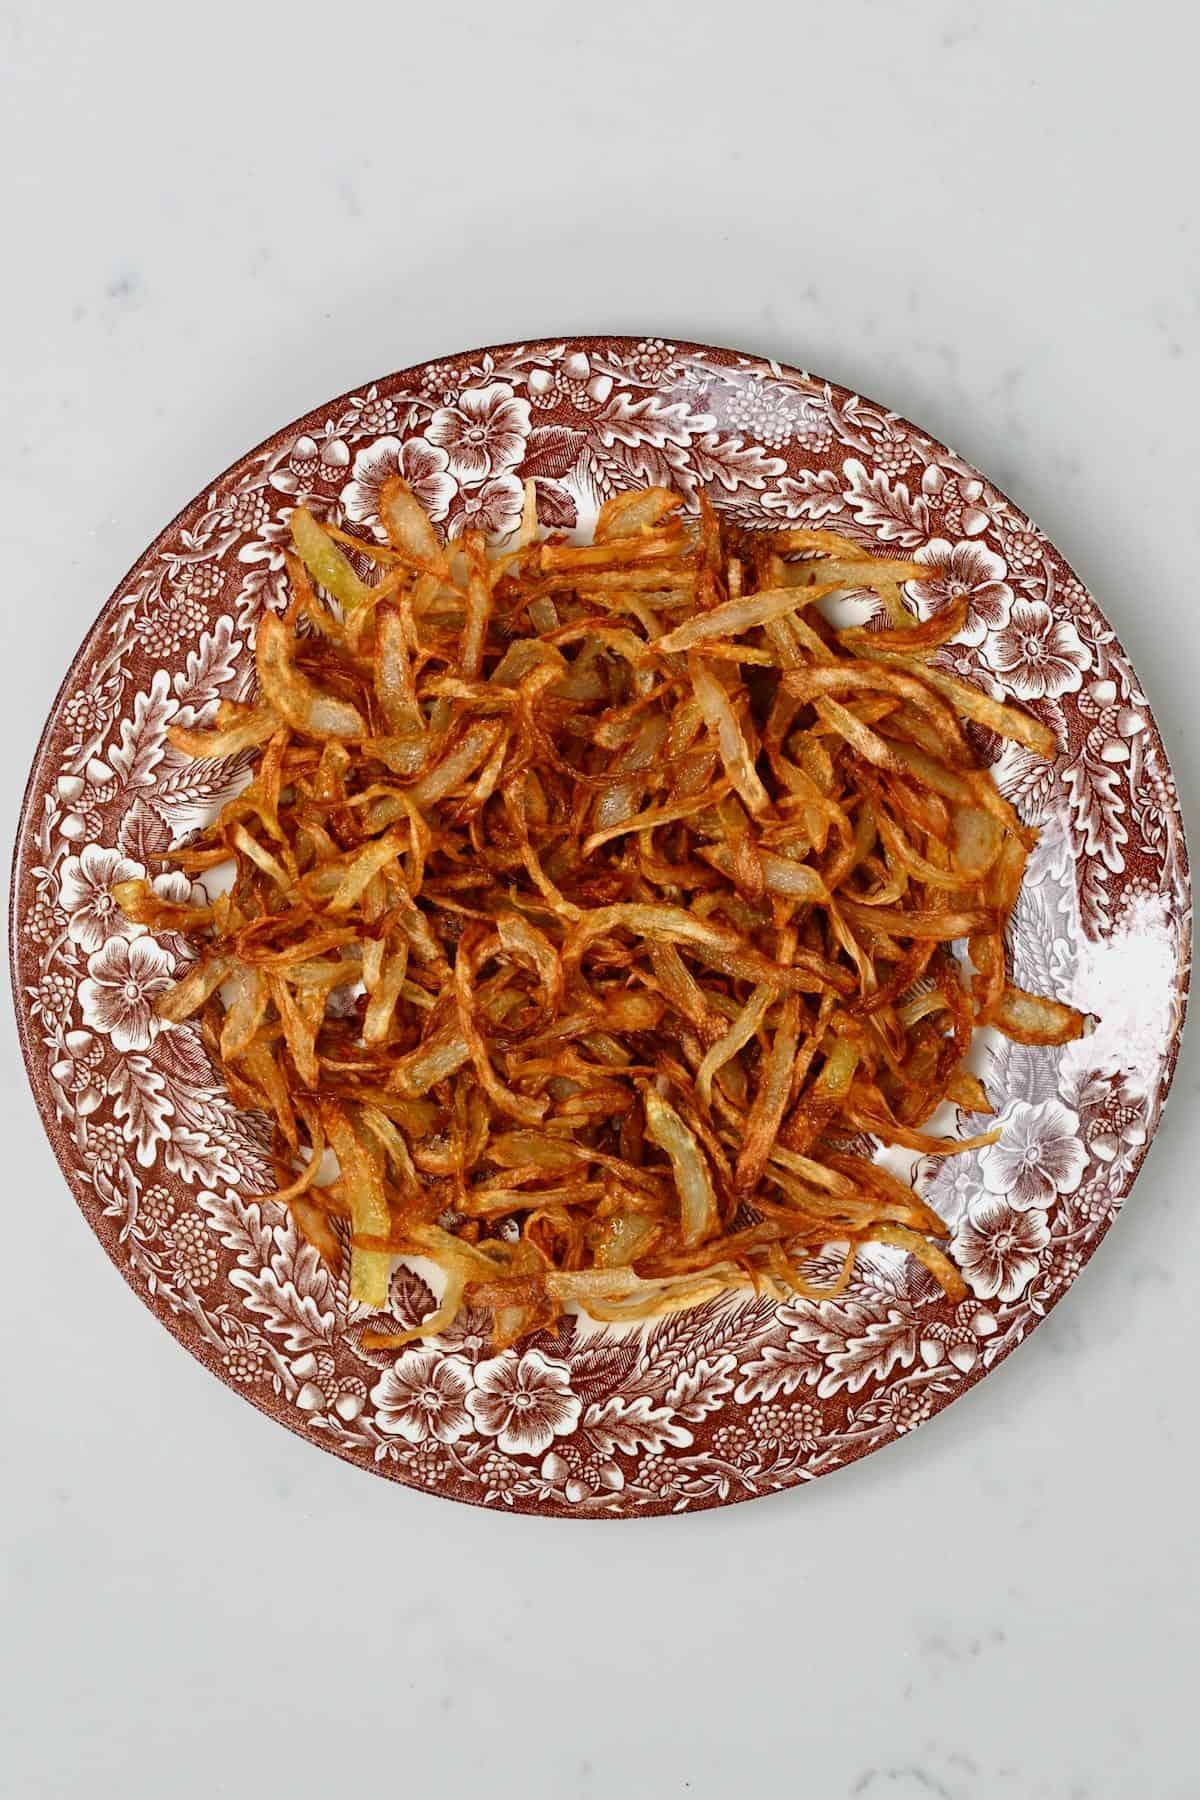 A plate with crispy fried onion